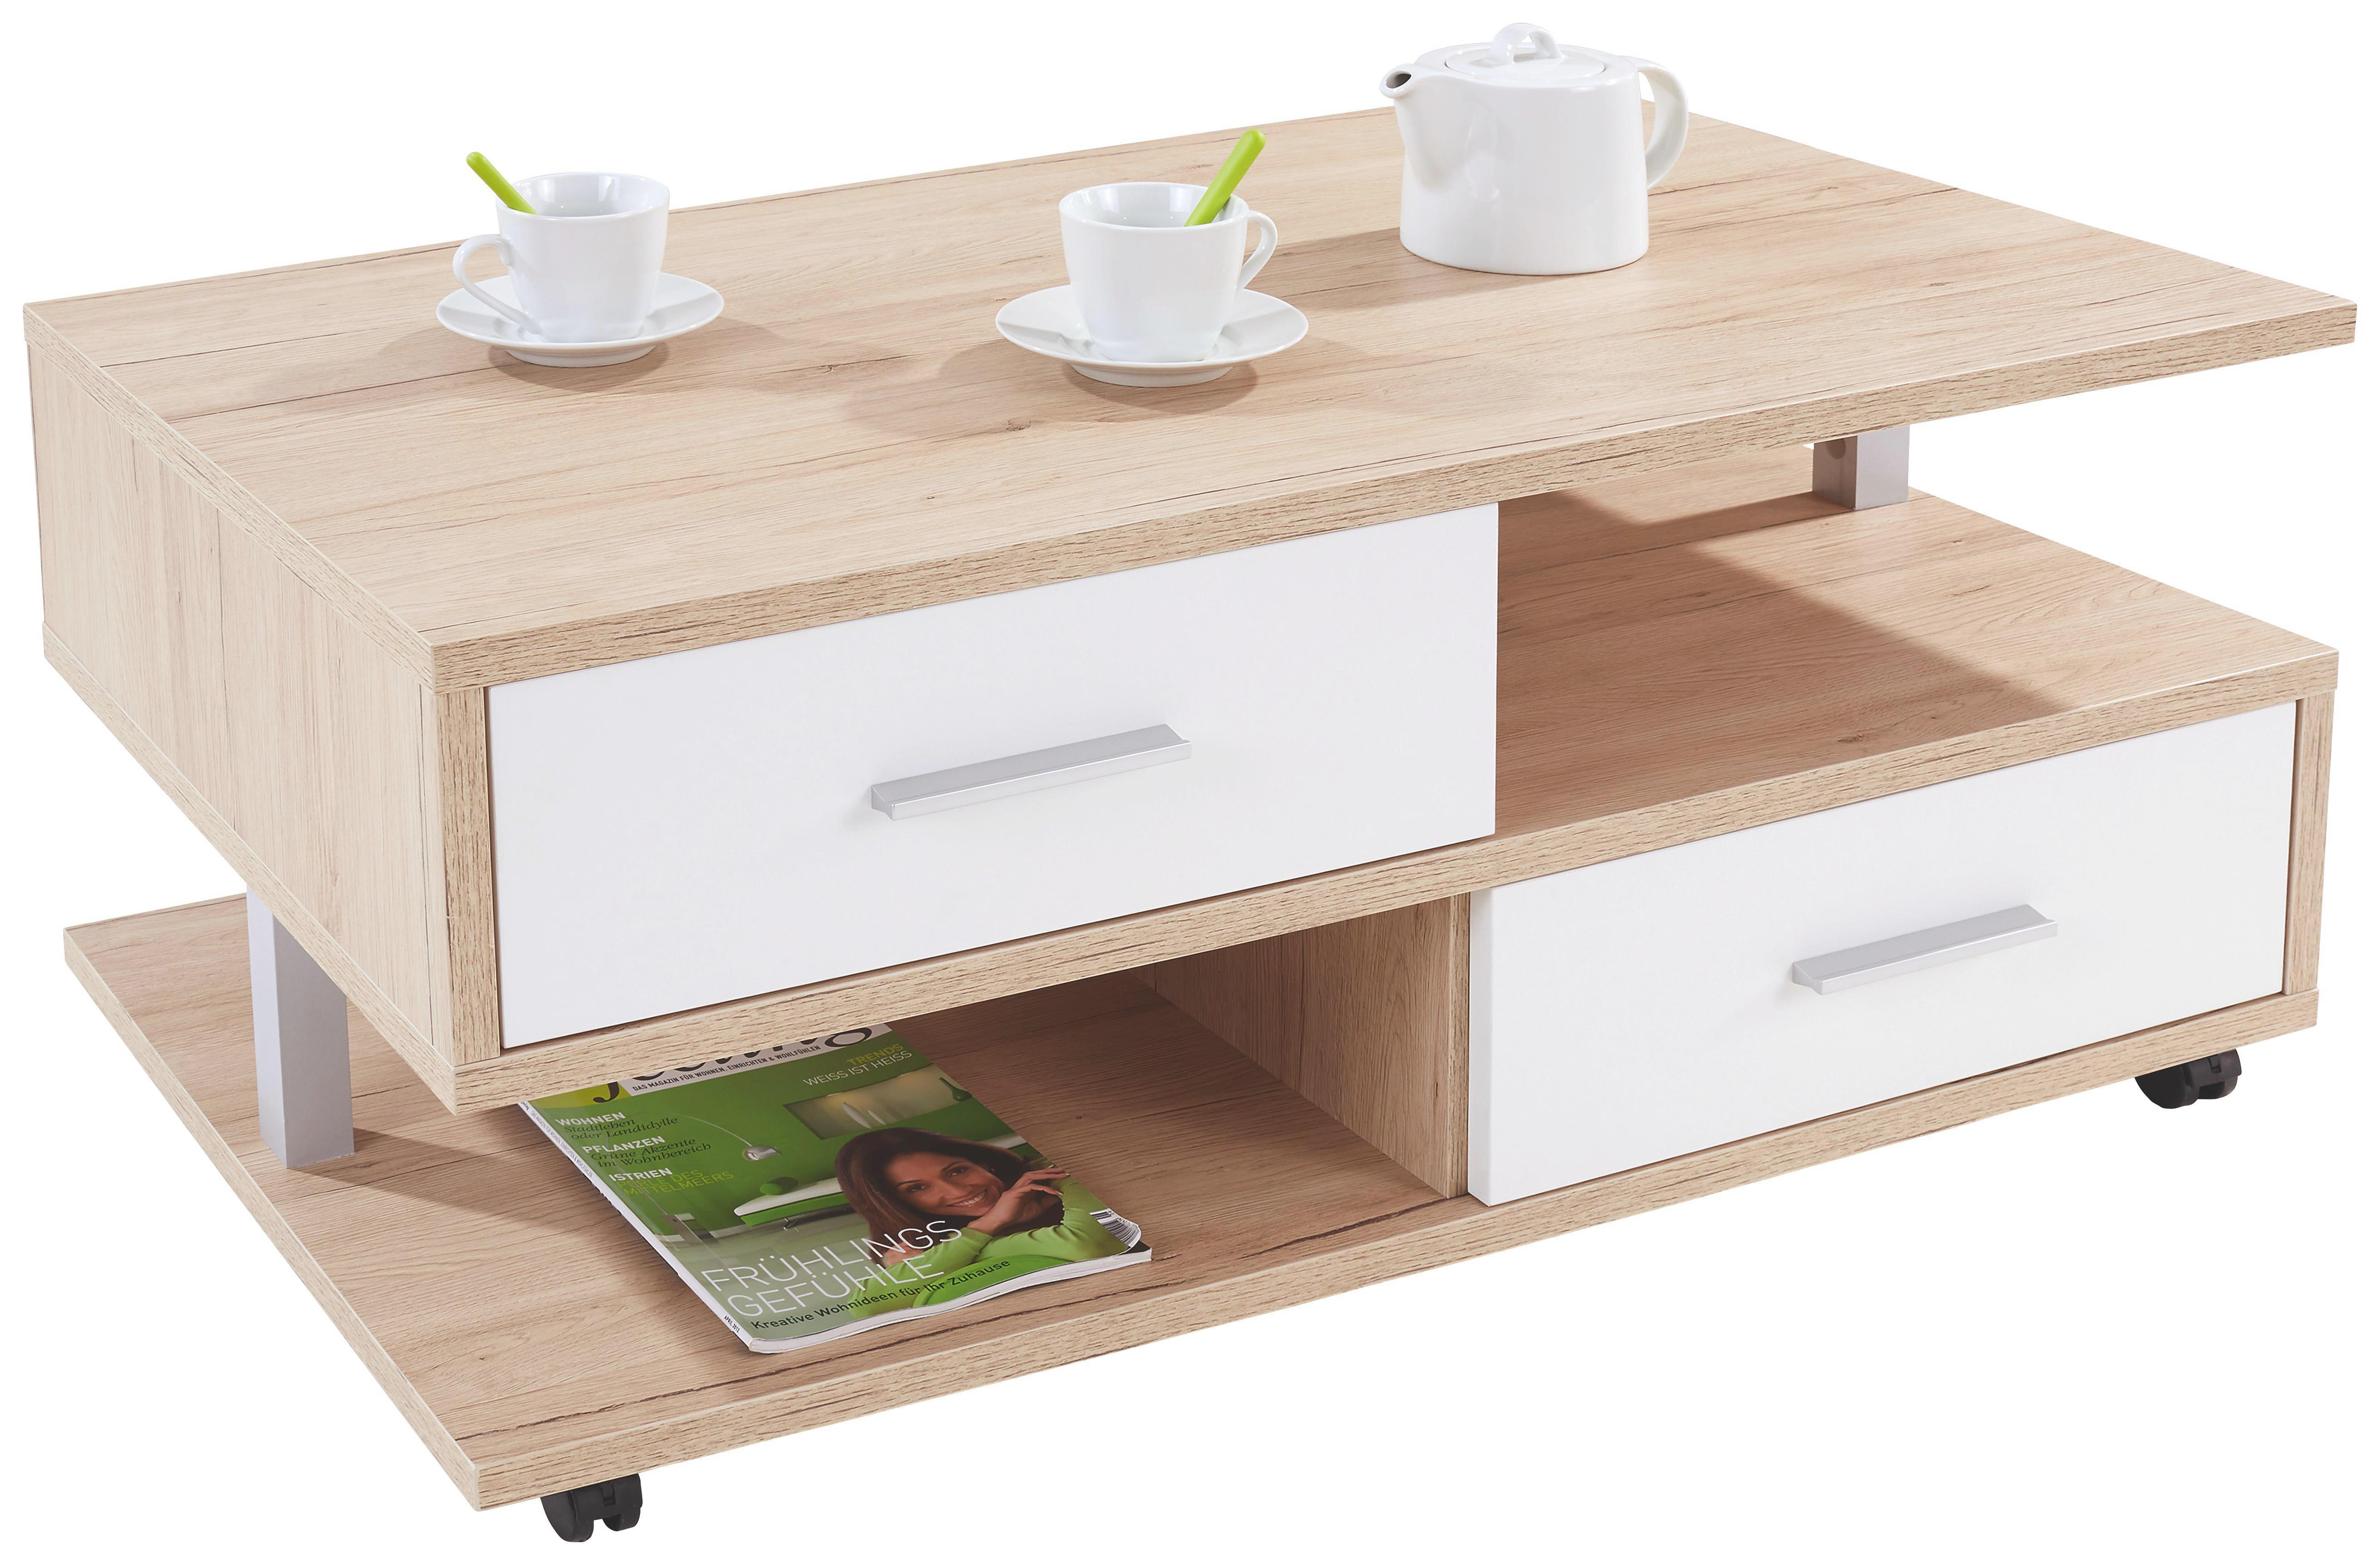 schublade kaufen awesome schublade kaufen with schublade kaufen elegant schubladen boxen. Black Bedroom Furniture Sets. Home Design Ideas